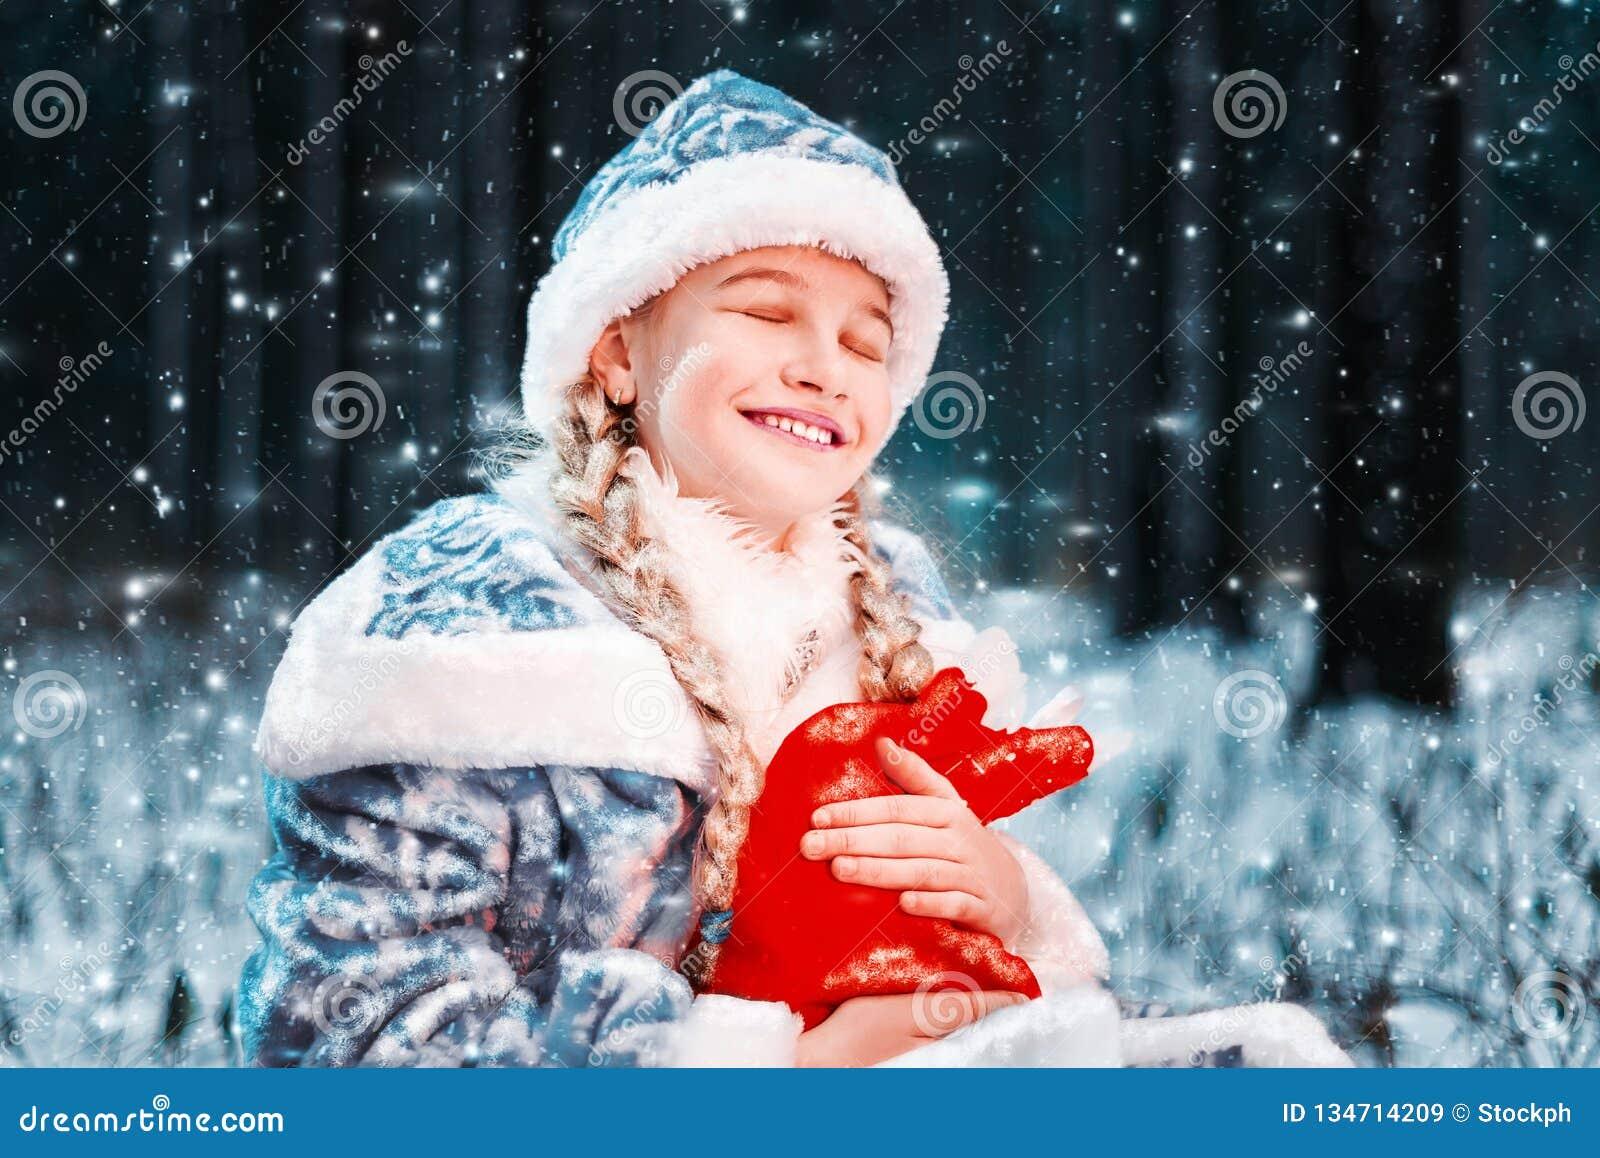 Beau portrait de la jeune fille de neige dans un costume de fête la petite fille heureuse tient le sac de nouvelle année avec des